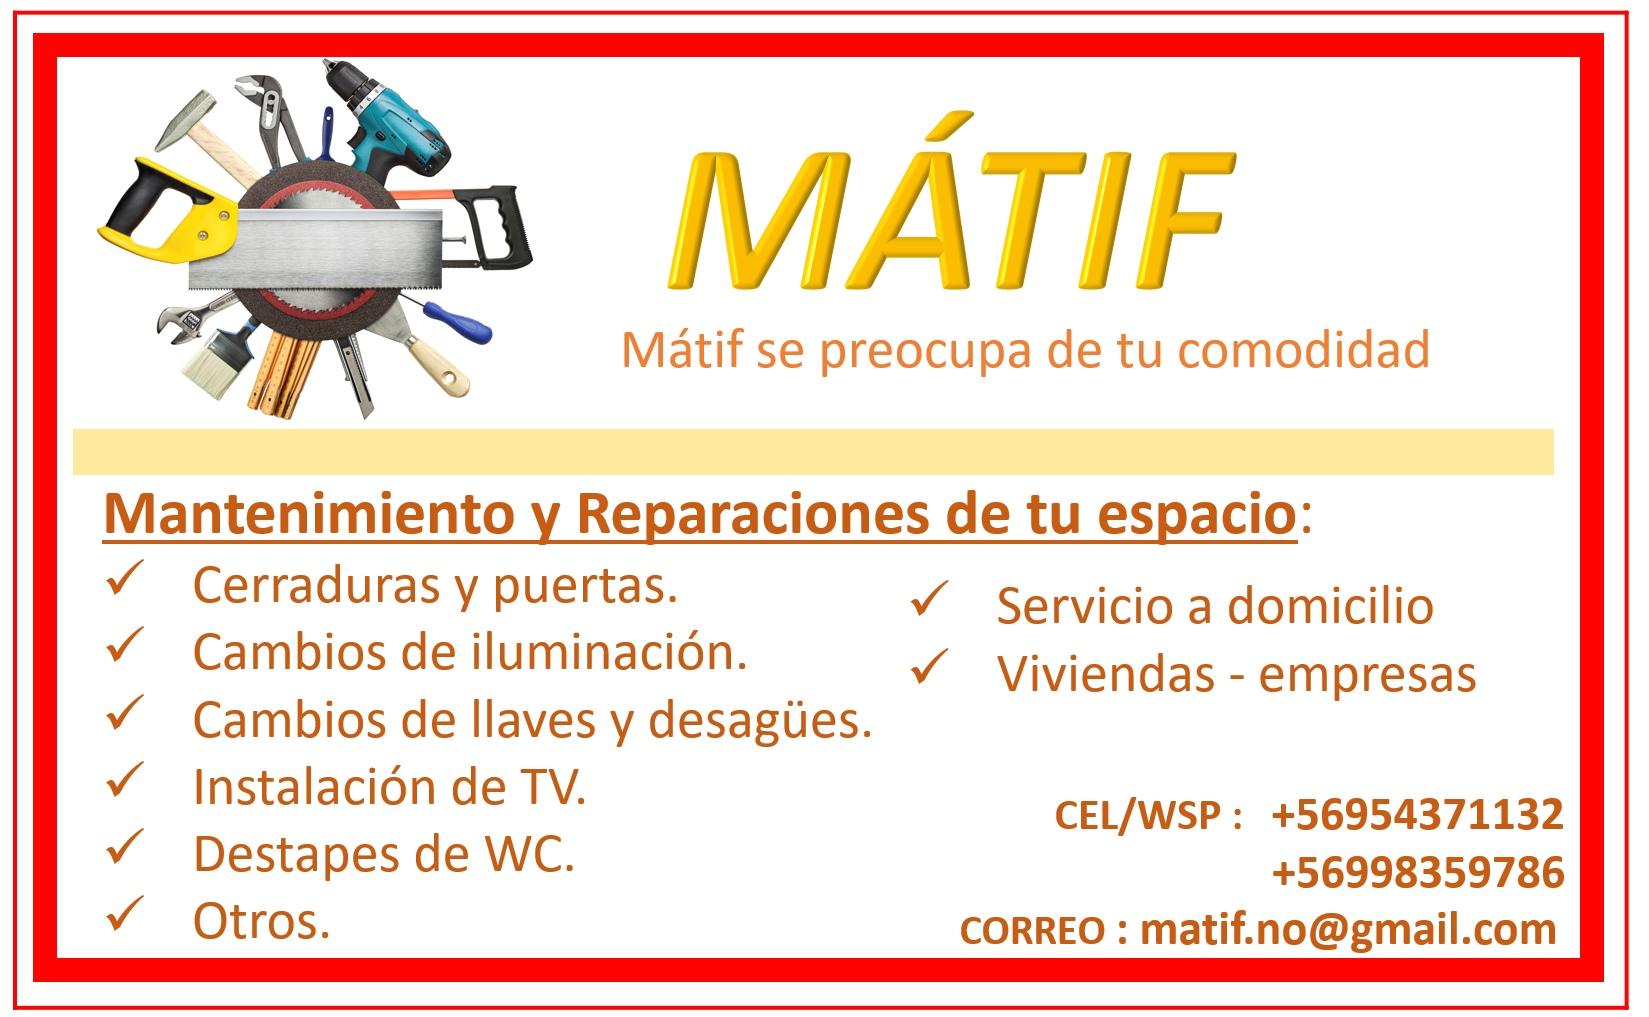 Matif